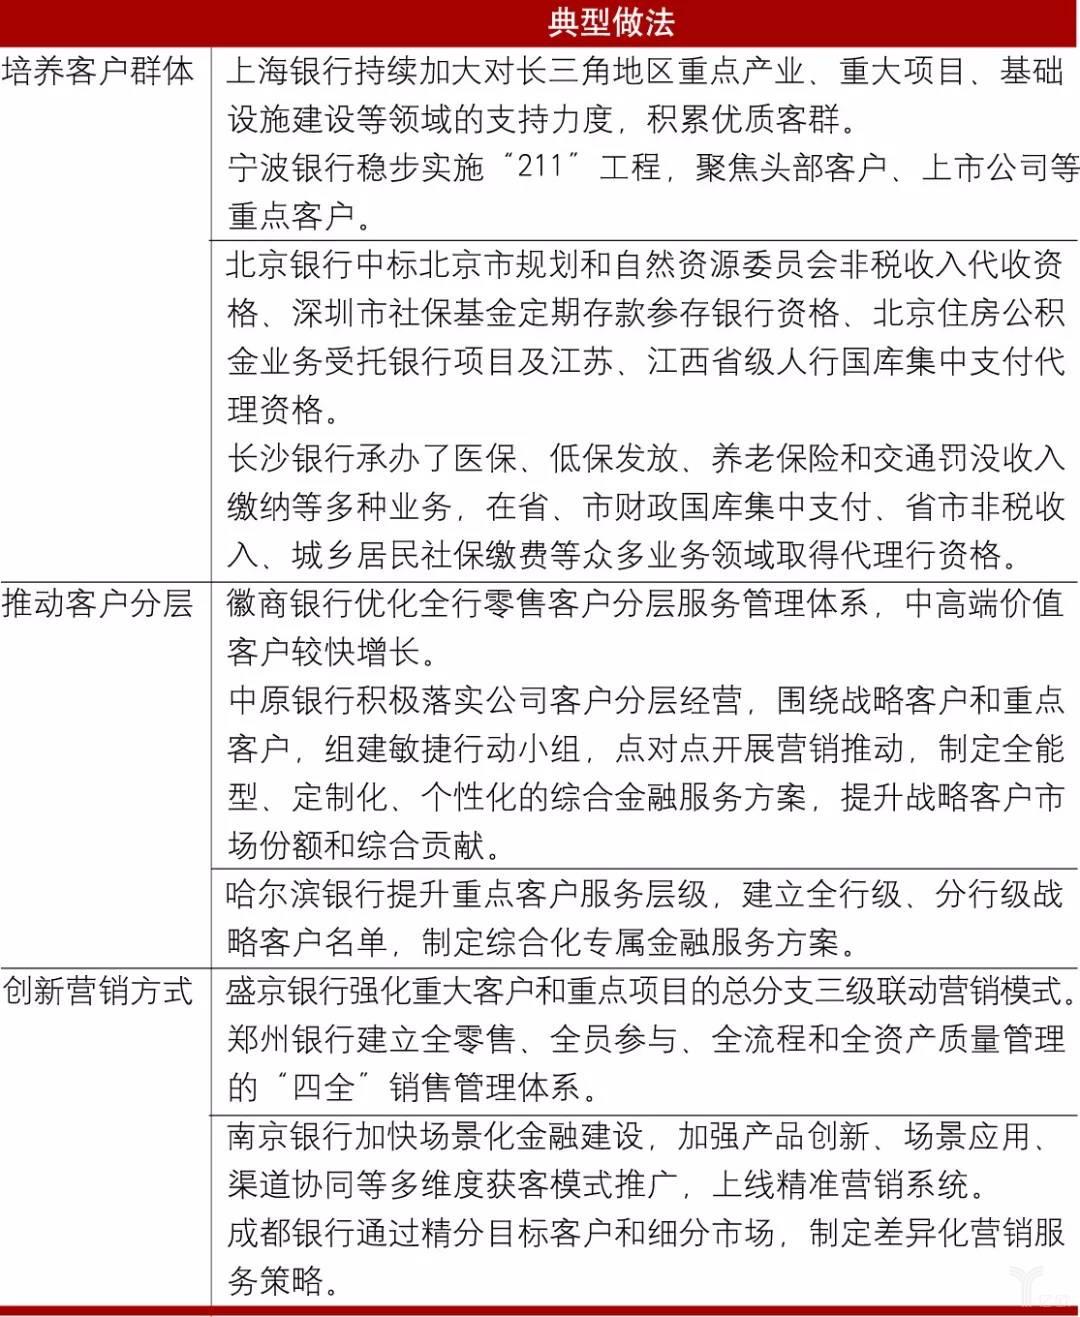 亿欧智库:部分城商行夯实客户基础的典型做法